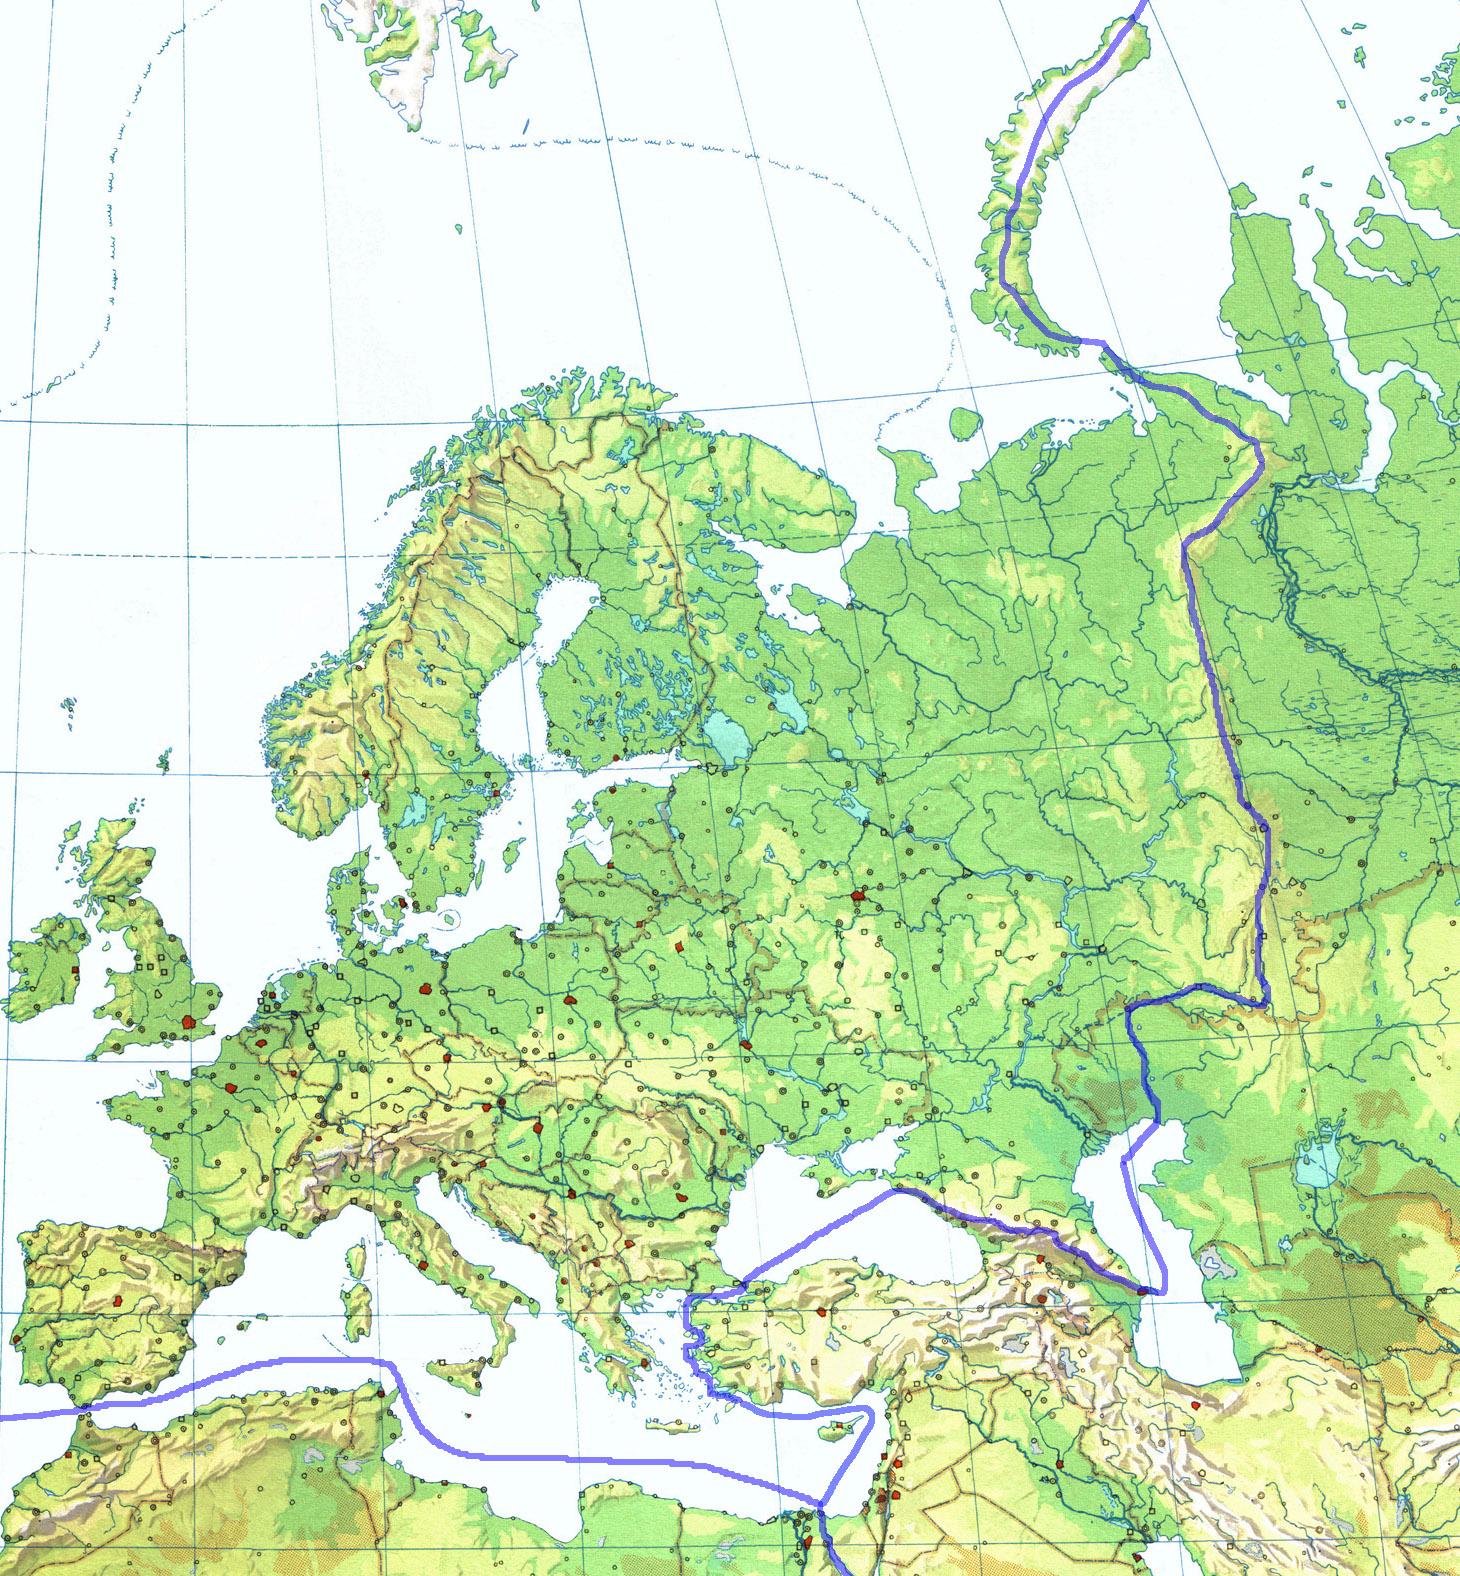 Afrika groen xxx. com schwarzen